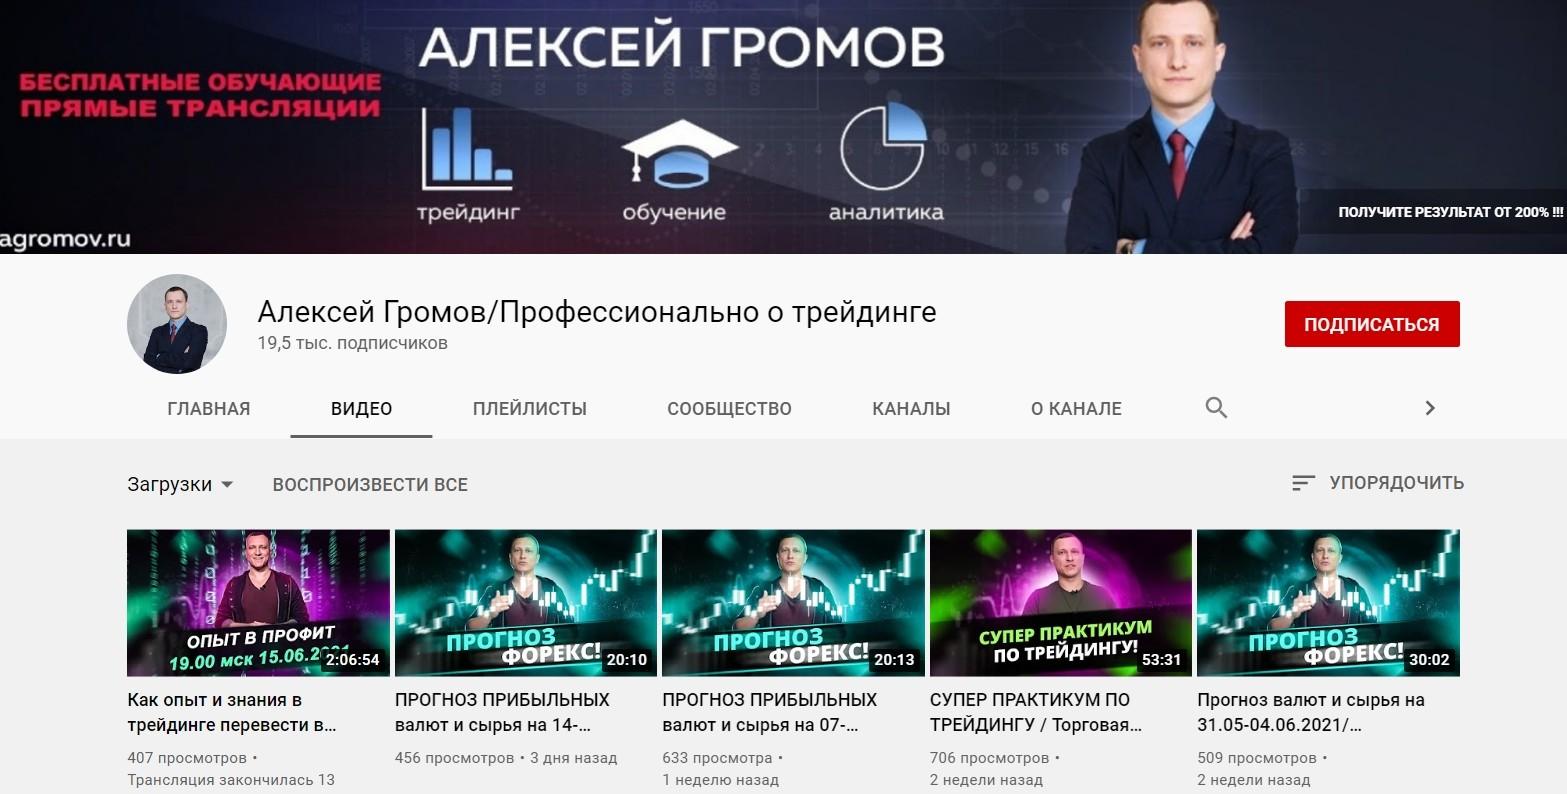 Ютуб канал Алексея Громова